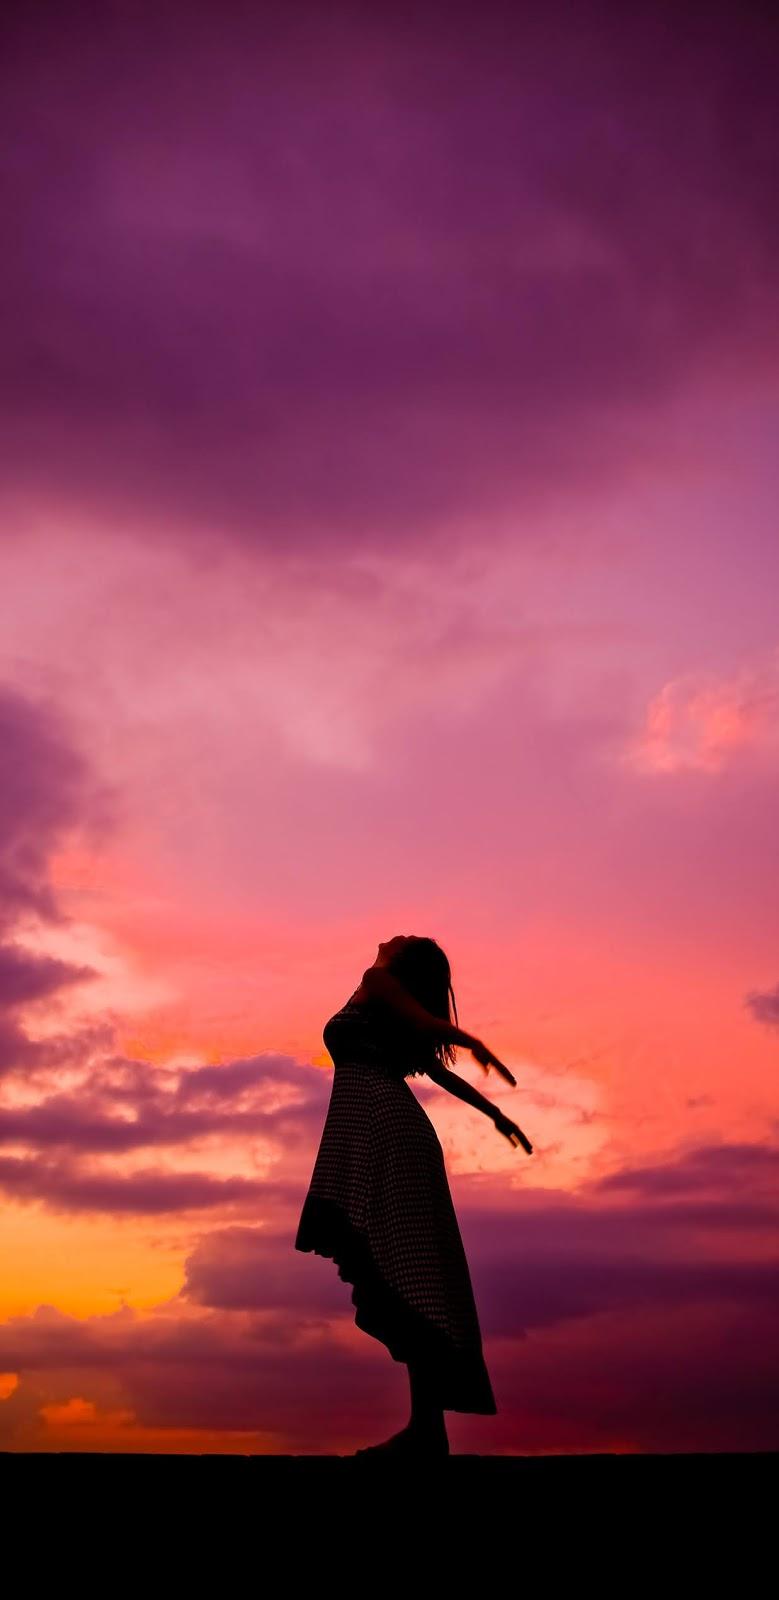 Bầu trời hoàng hôn đẹp tuyệt vời